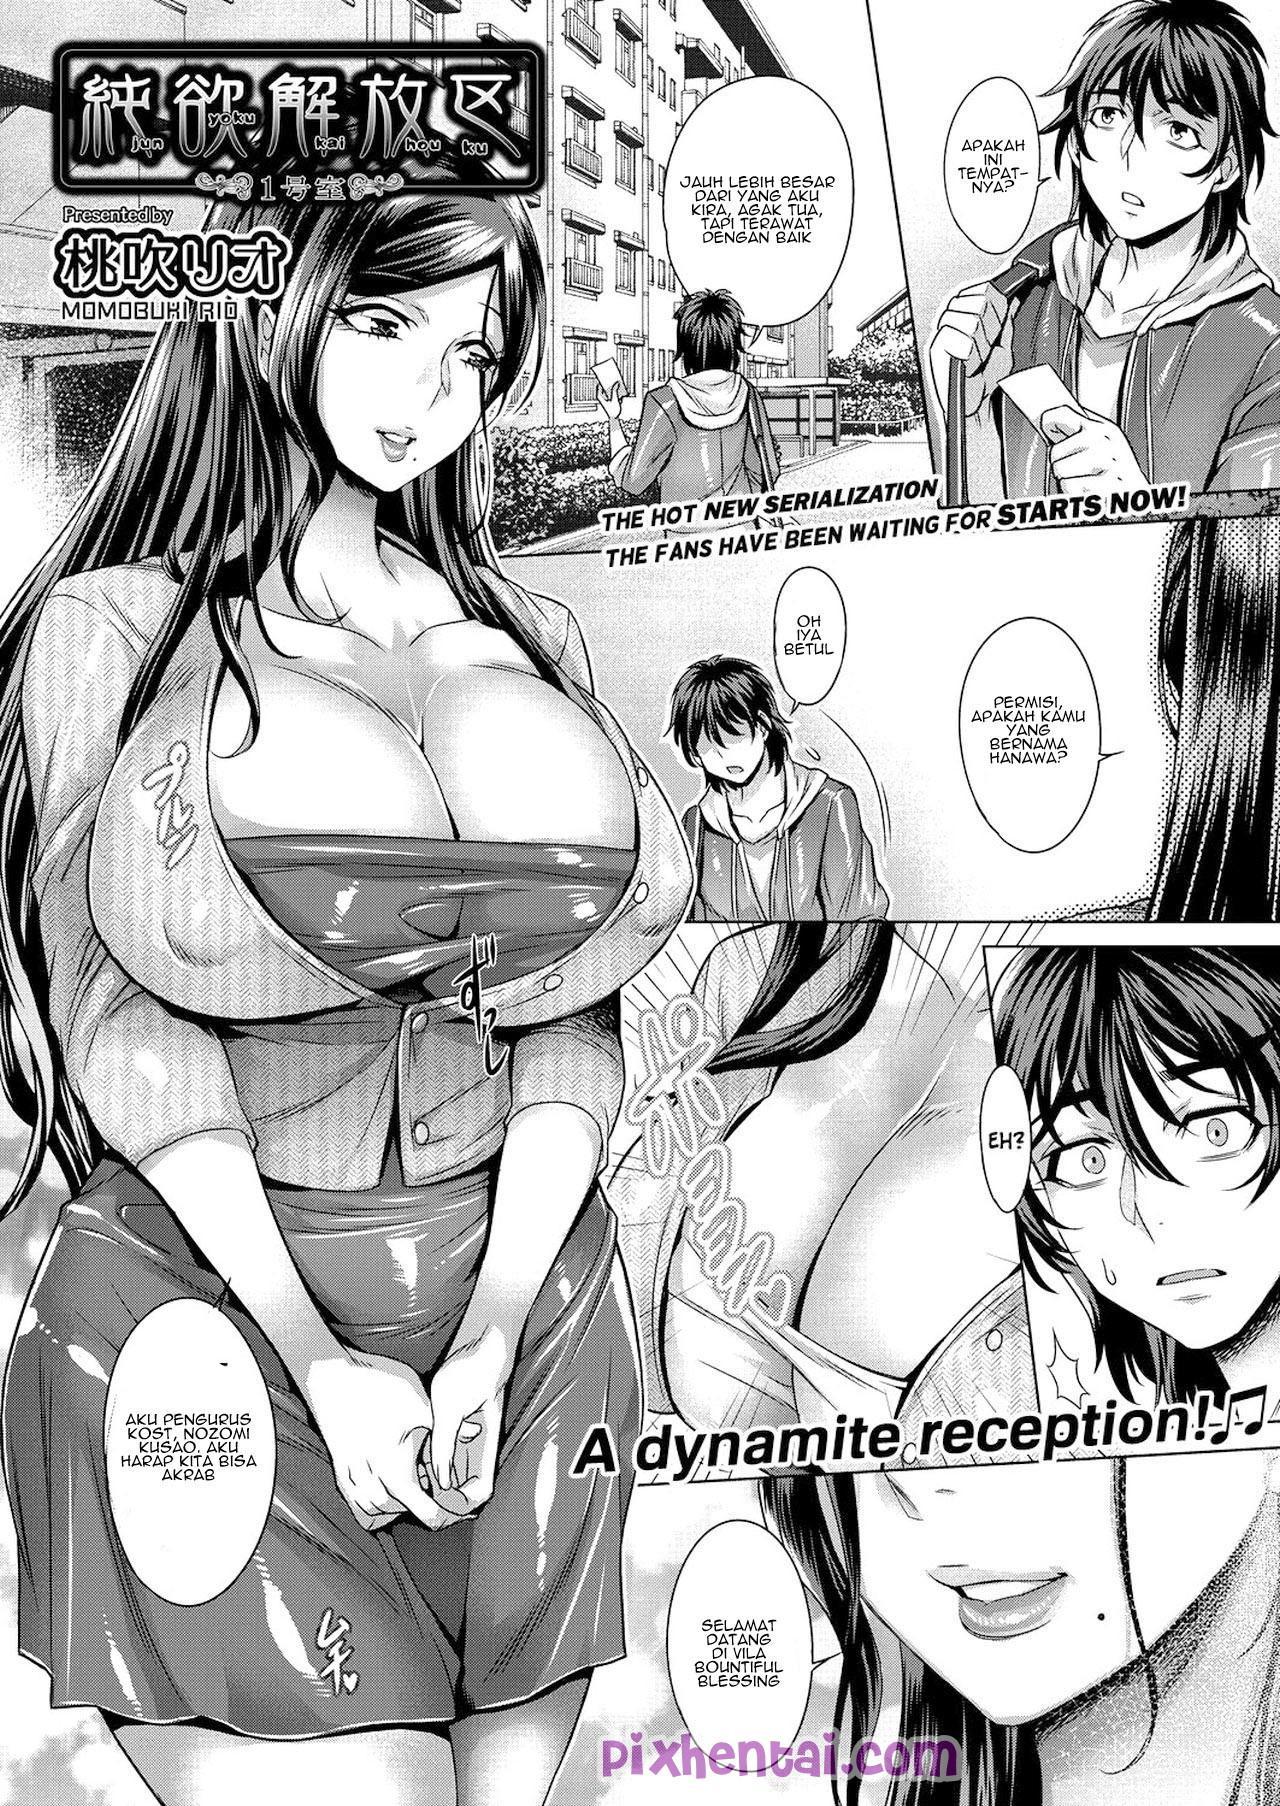 Komik hentai xxx manga sex bokep ibu kost montok dientot fotografer 05